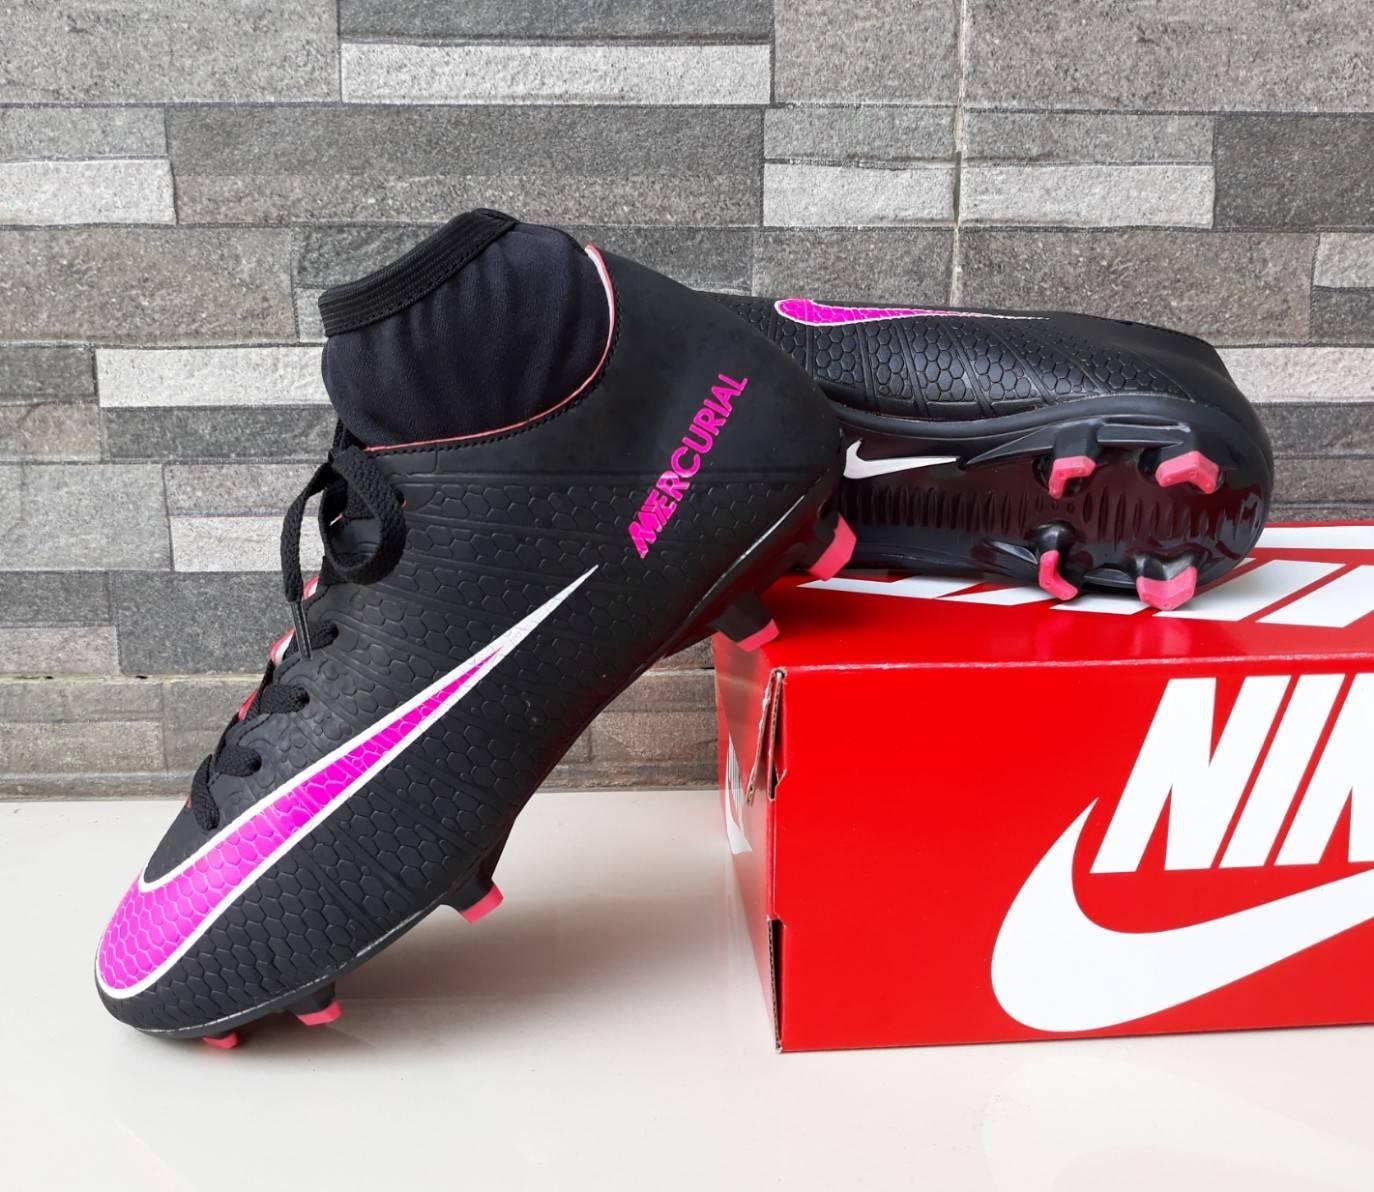 Sepatu Sepak Bola Nike_Mercurial hyperpenom Nike_skin Predator Komponen Original Harga Promo MURAH MERIAH